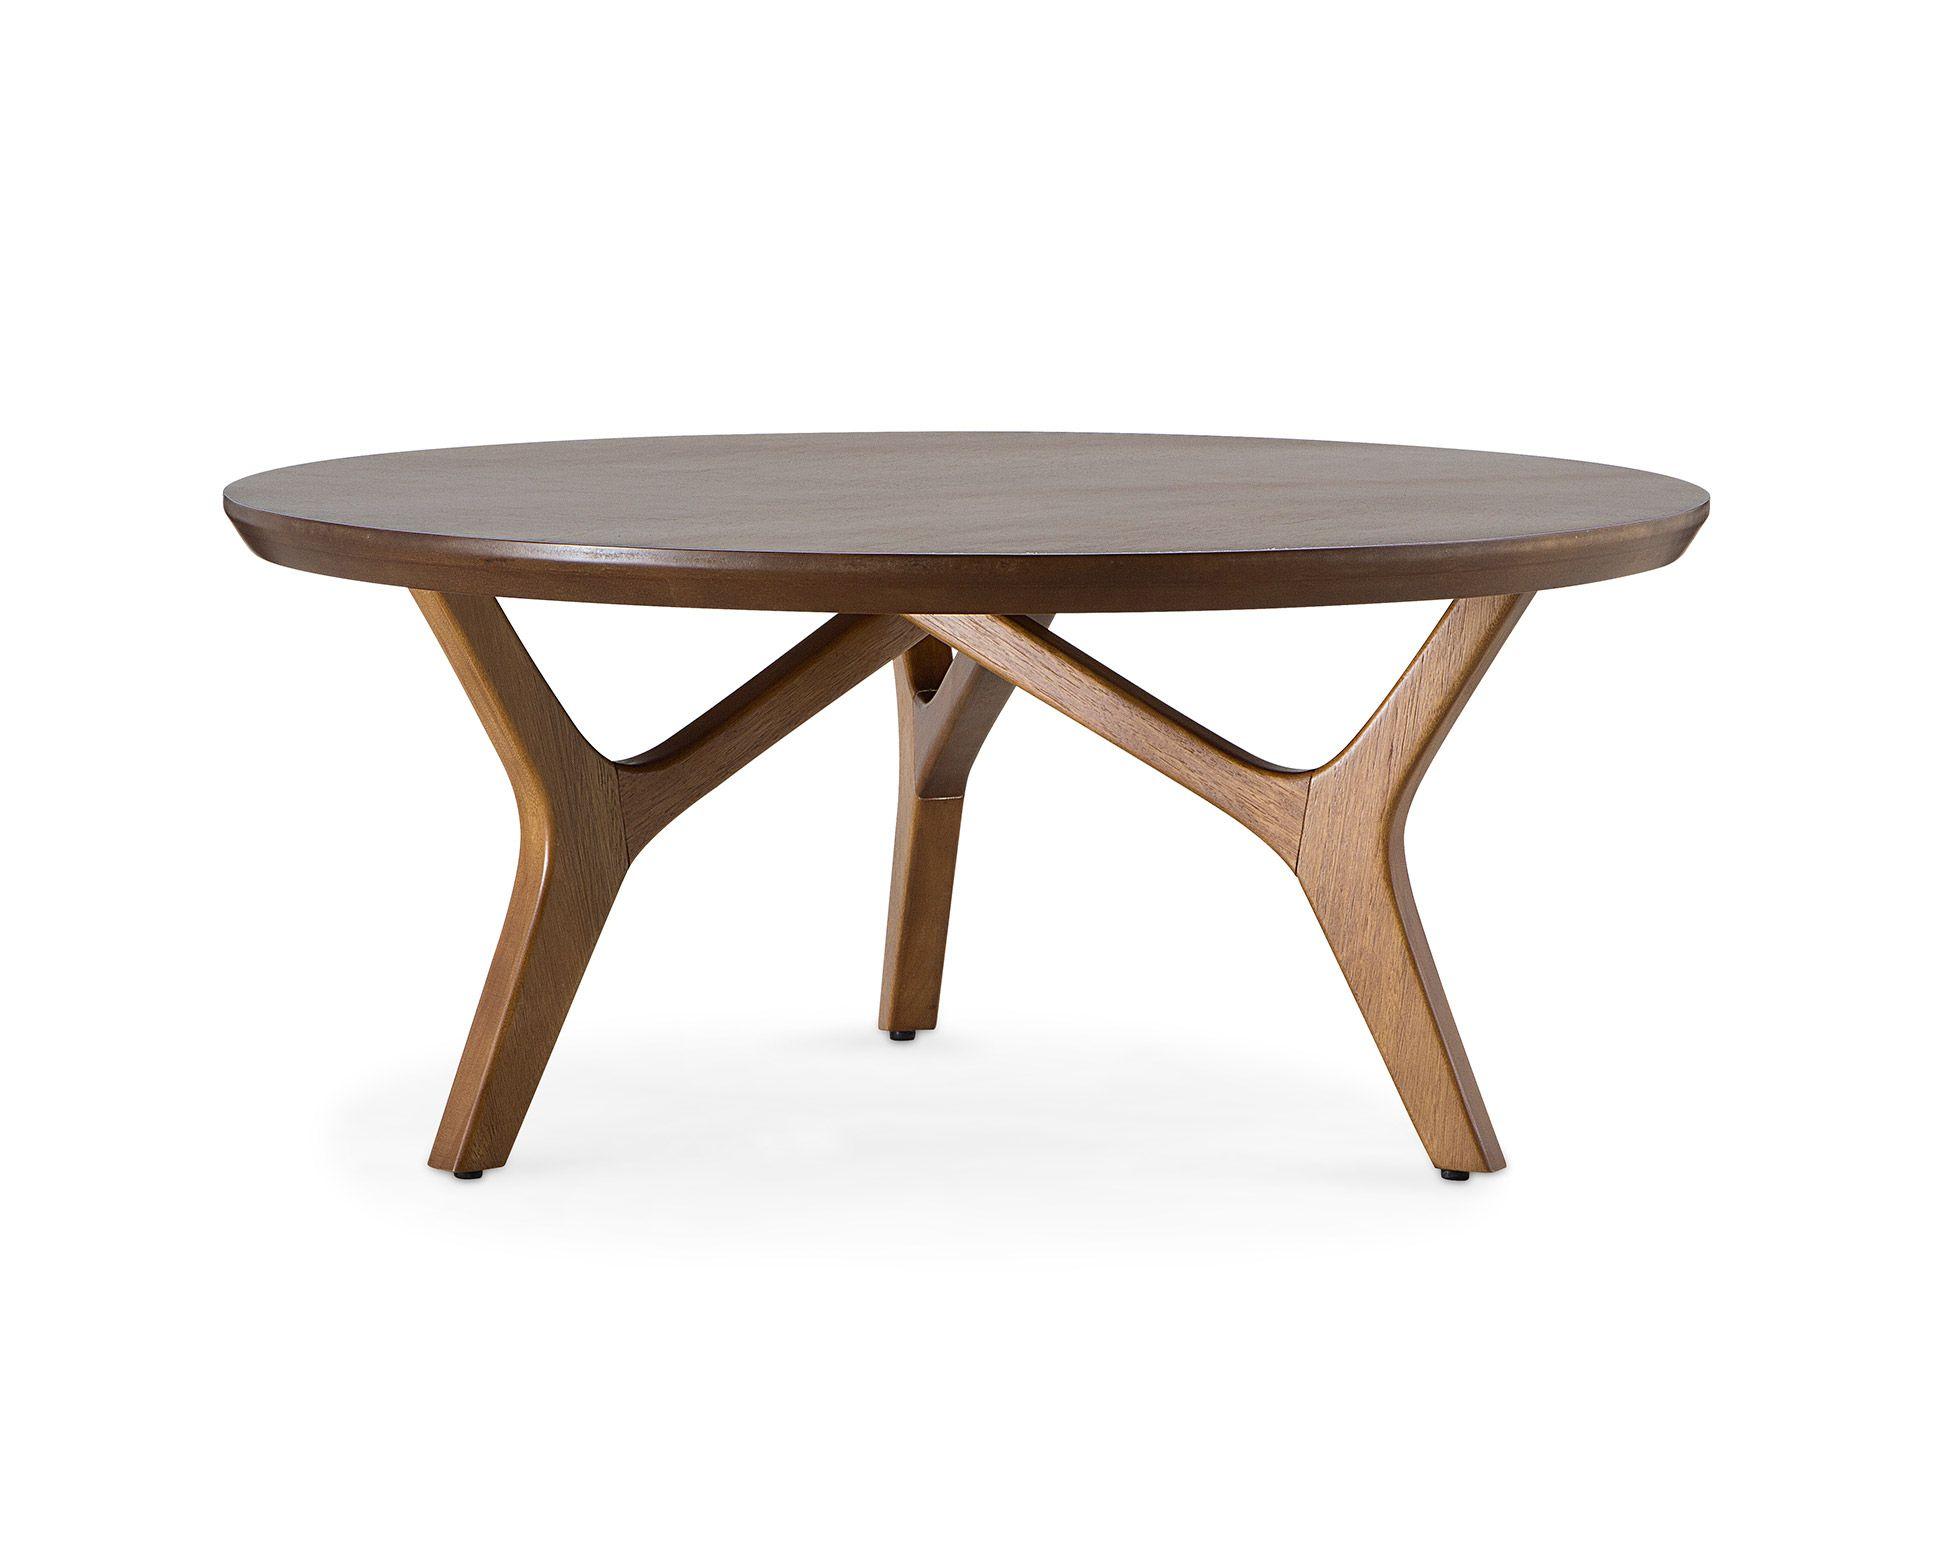 Mesa de centro dotta 80cm amndoa mesas mesa de centro dotta 80cm amndoa thecheapjerseys Image collections